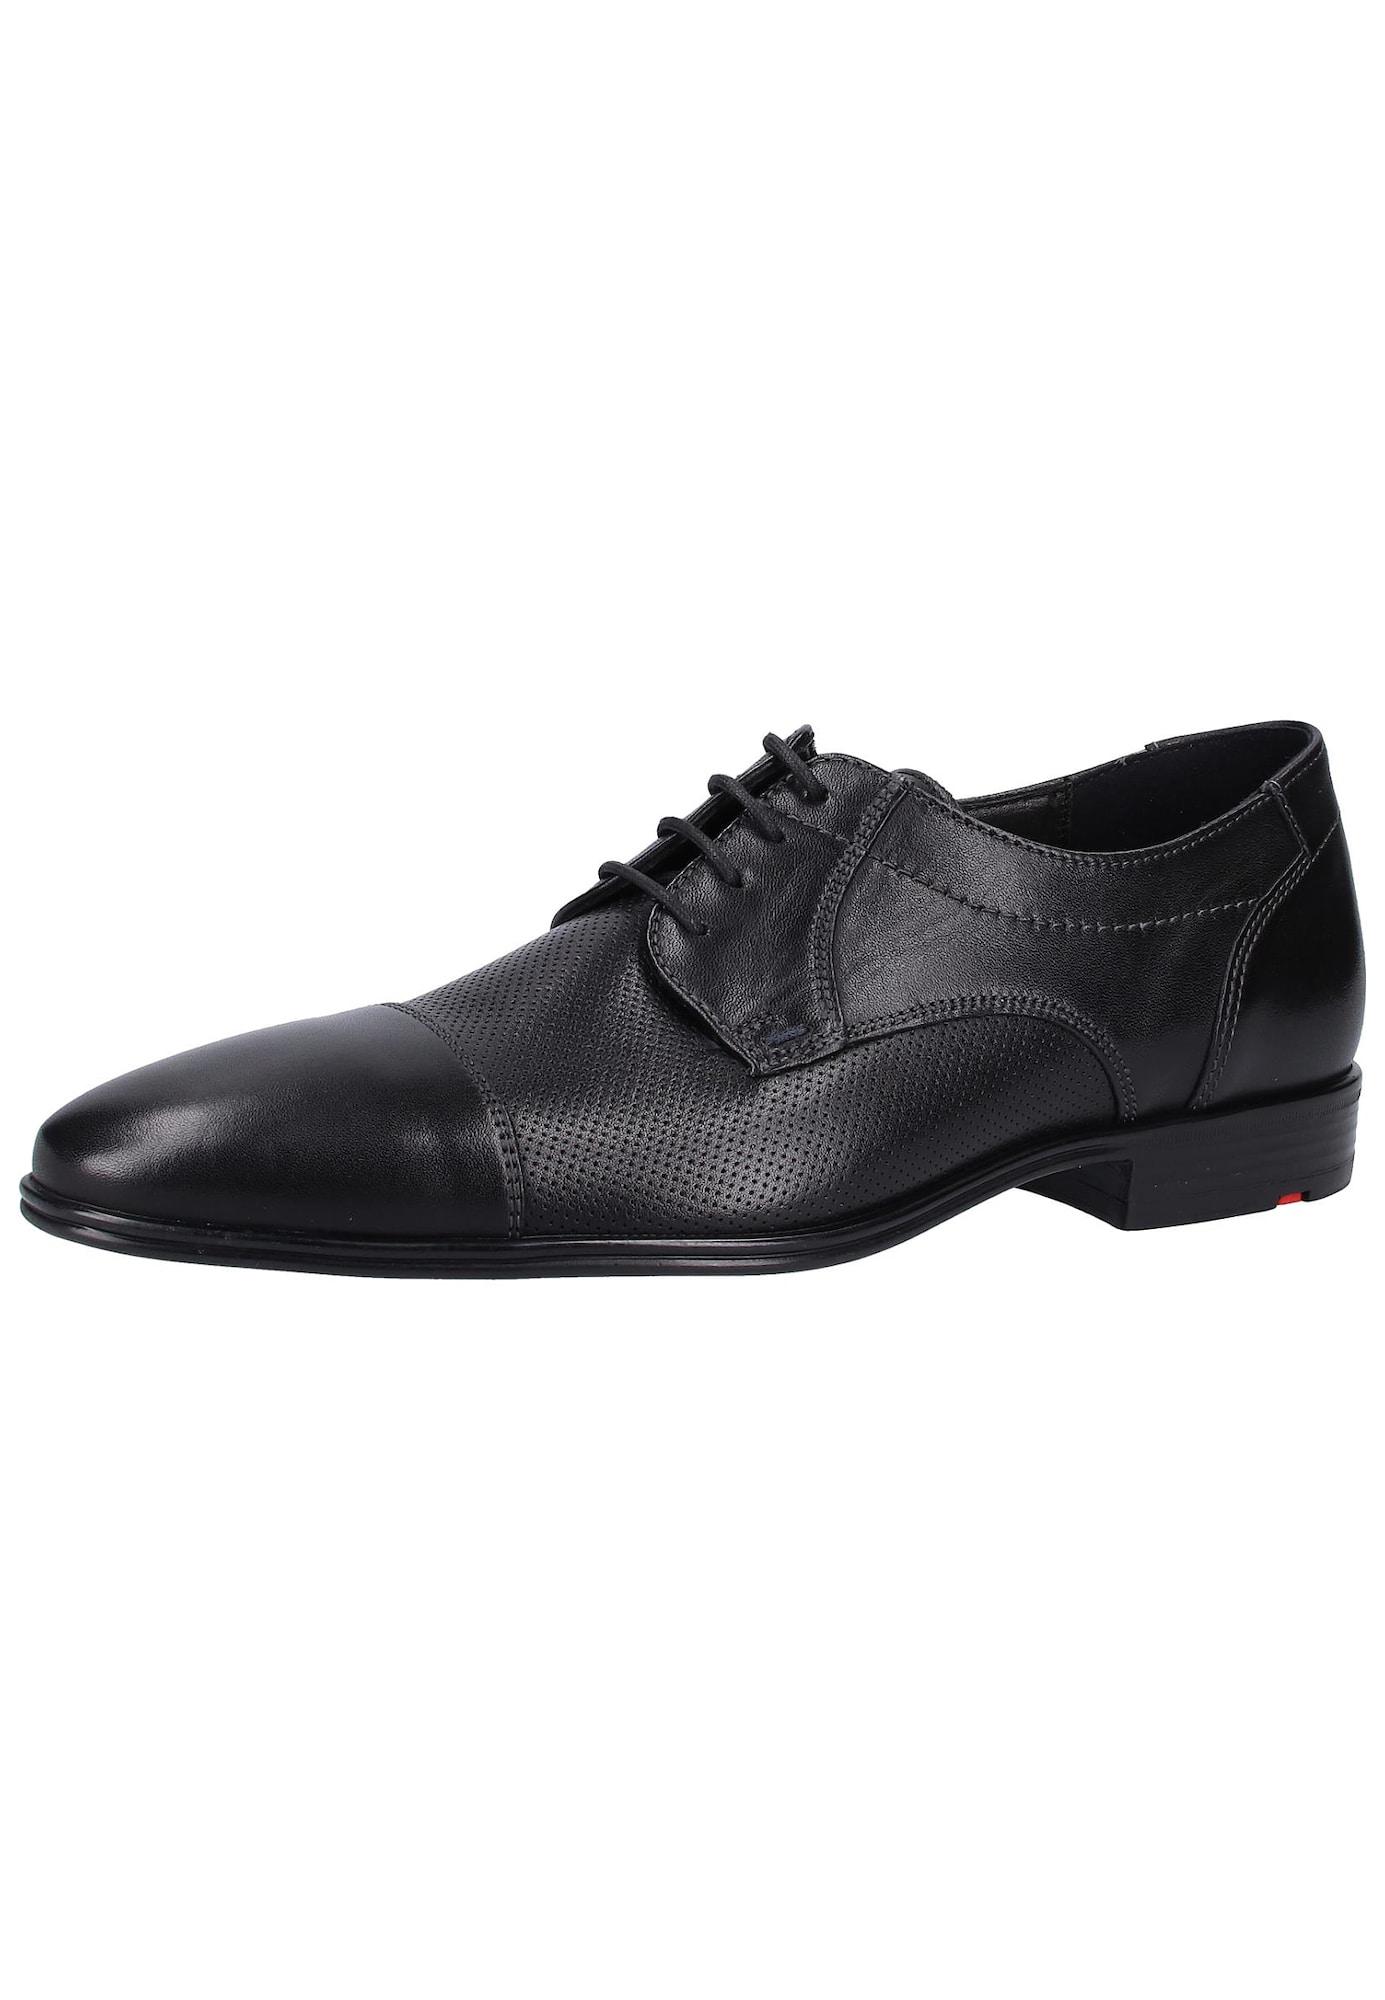 Šněrovací boty Oskar černá LLOYD